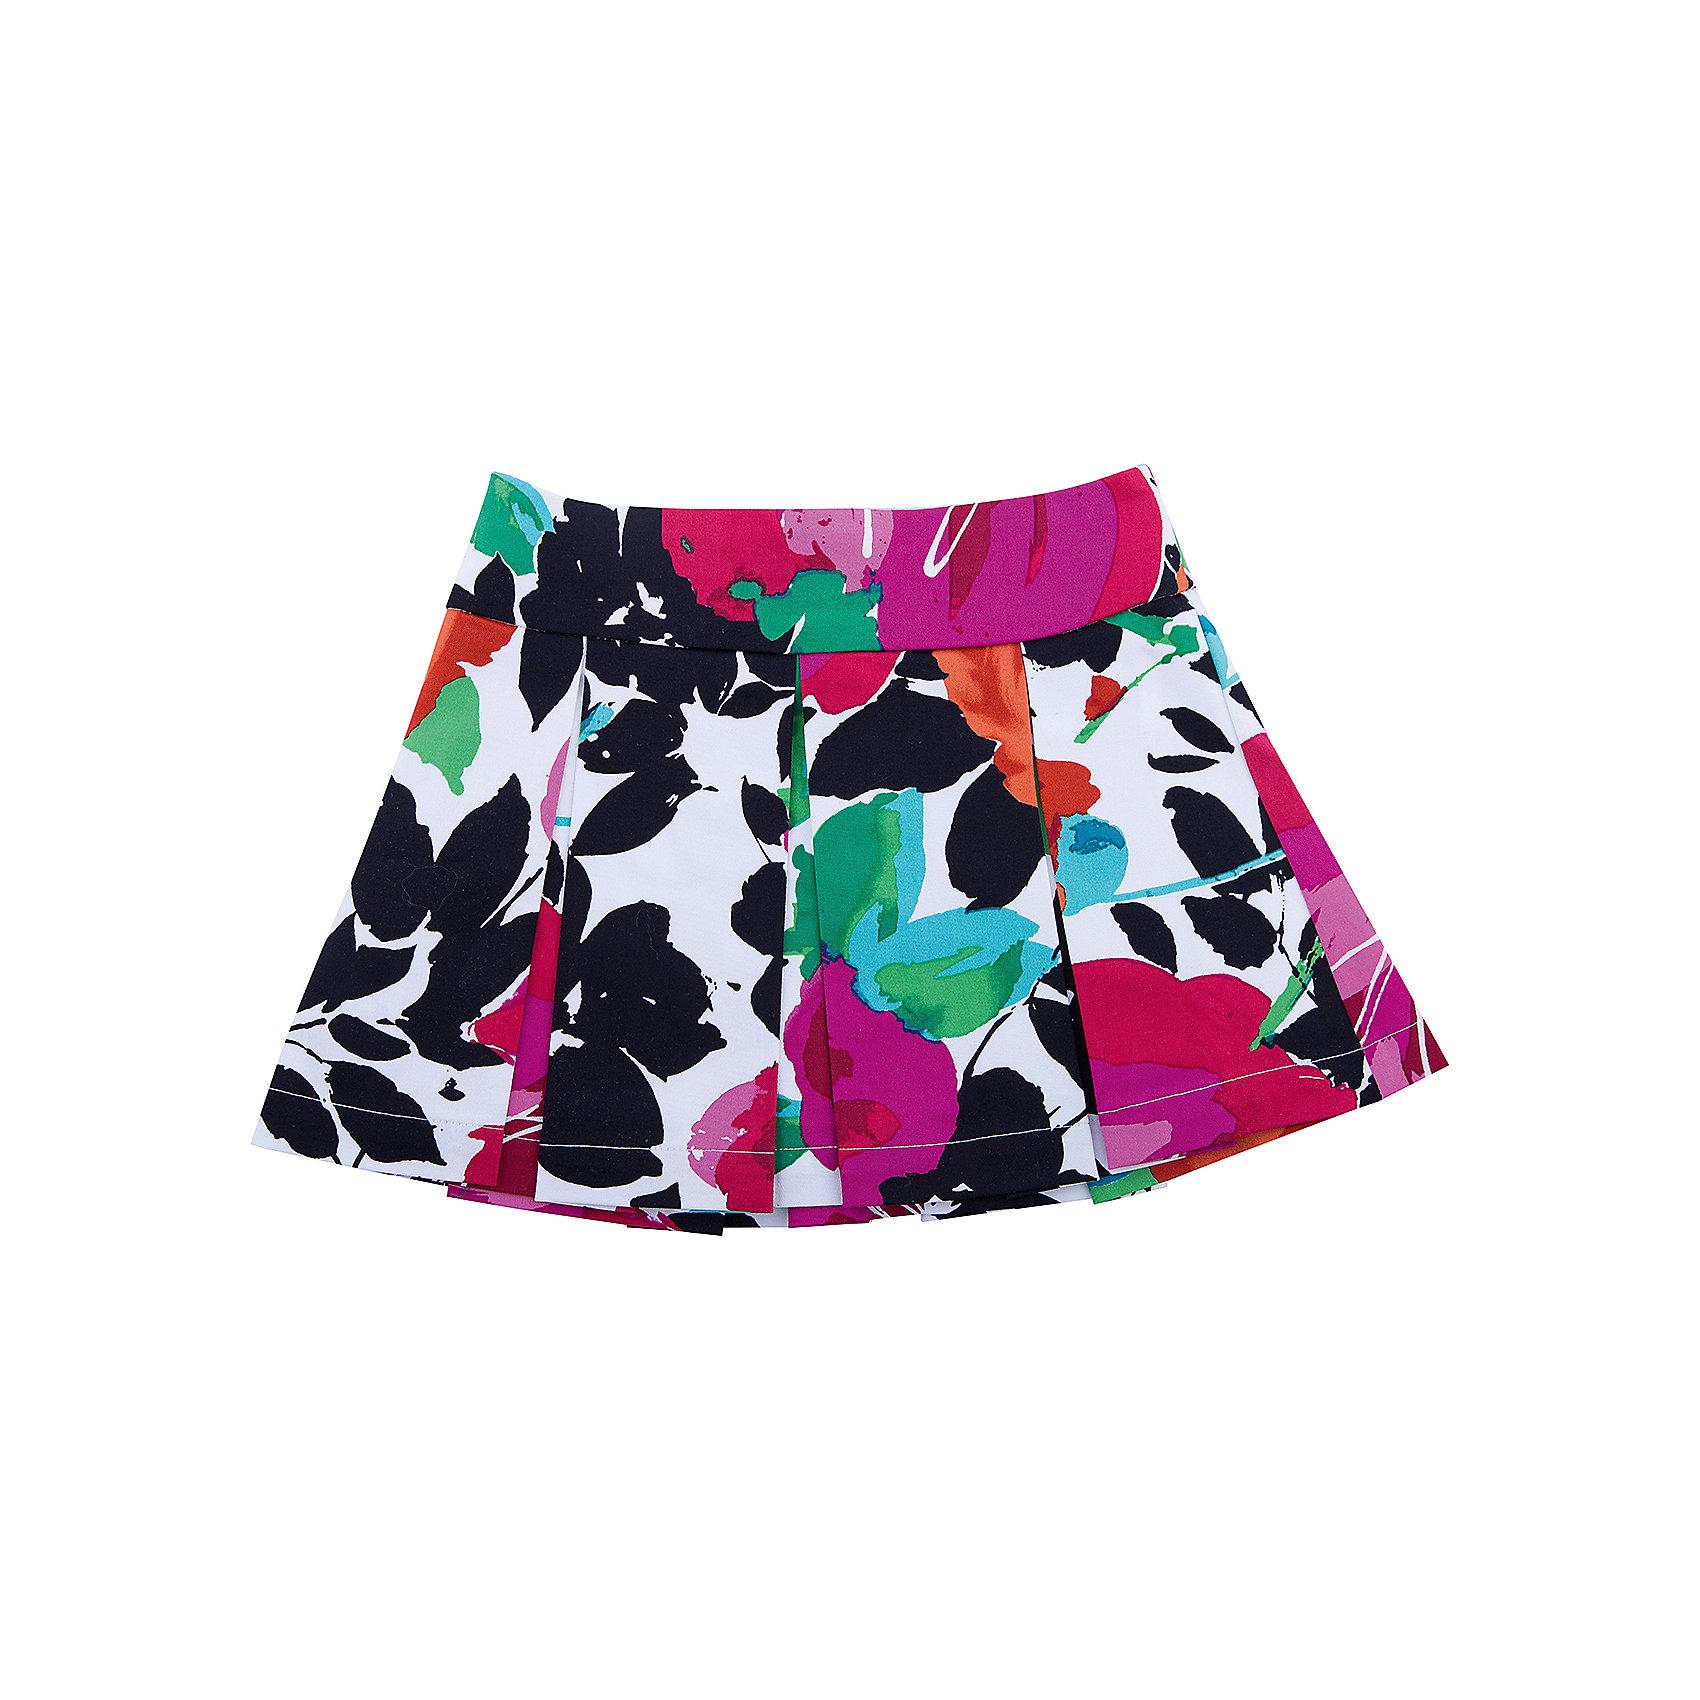 Юбка для девочки WojcikЮбки<br>Характеристики товара:<br><br>• цвет: мульти<br>• состав ткани: хлопок<br>• застежка: молния<br>• сезон: лето<br>• страна бренда: Польша<br>• страна изготовитель: Польша<br><br>Польская одежда для детей от бренда Войчик - это качественные и стильные вещи. Данная модель юбки для лета сделана из натурального материала, есть подкладка. <br><br>Яркая юбка для девочки Wojcik - удобная и модная летняя одежда. Эта юбка для девочки Войчик отличается модным кроем, пышным силуэтом. <br><br>Юбку для девочки Wojcik (Войчик) можно купить в нашем интернет-магазине.<br><br>Ширина мм: 207<br>Глубина мм: 10<br>Высота мм: 189<br>Вес г: 183<br>Цвет: белый<br>Возраст от месяцев: 84<br>Возраст до месяцев: 96<br>Пол: Женский<br>Возраст: Детский<br>Размер: 128,104,110,116,122<br>SKU: 5589679